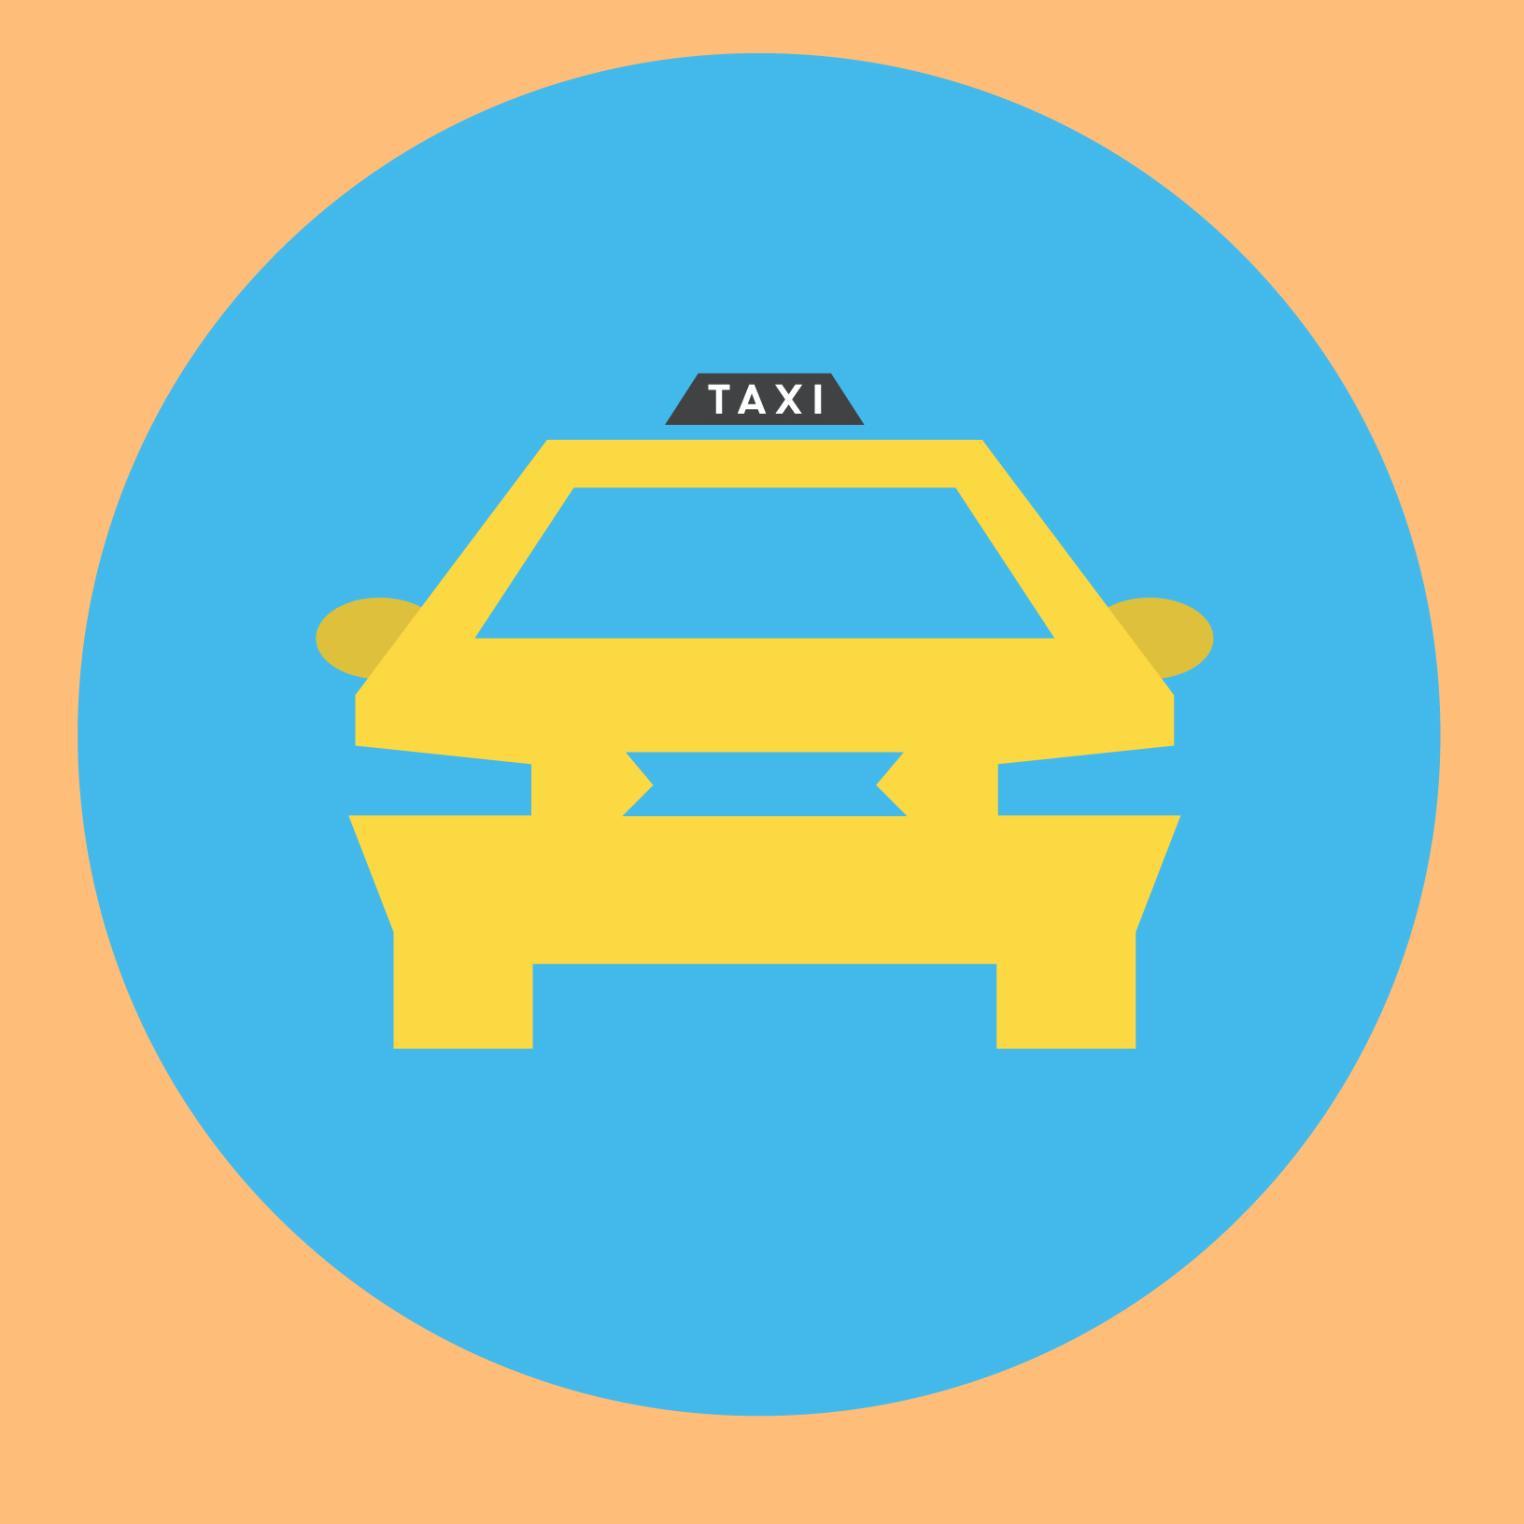 New Yellow Cab